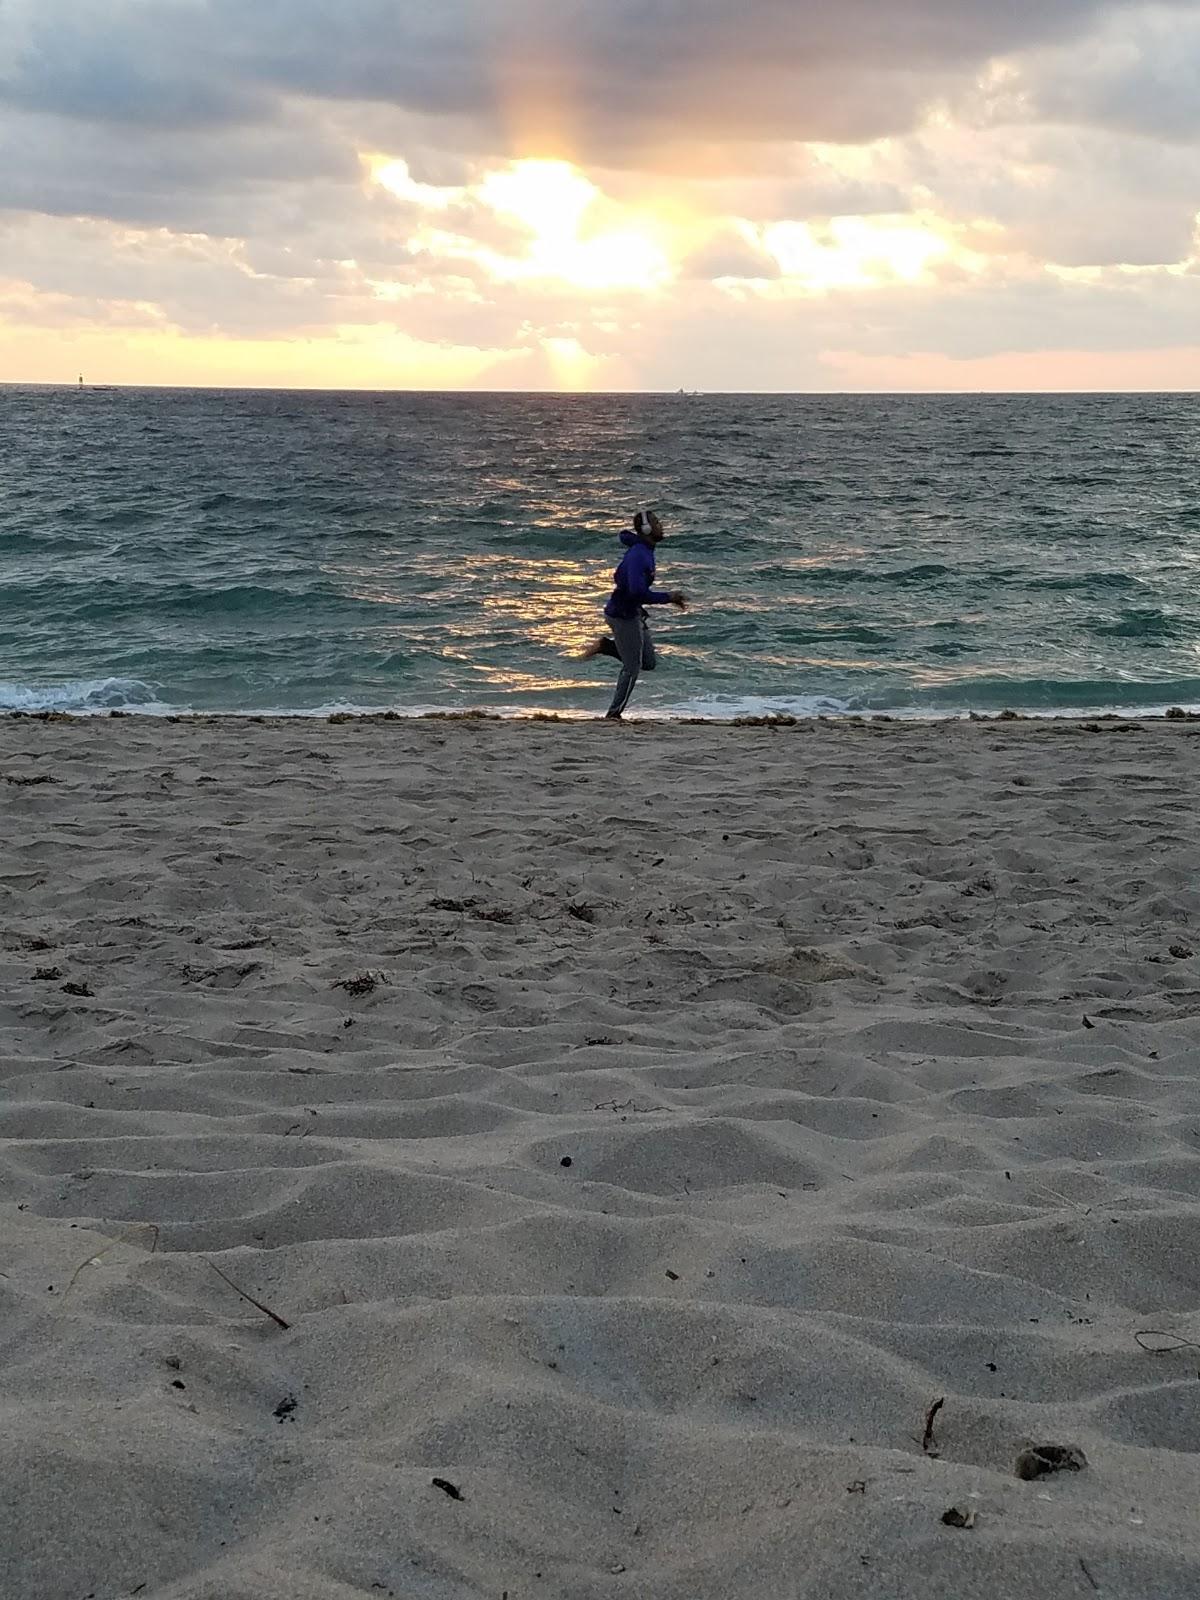 izlazak na plažu izlaska sunca speed dating događaji reno nv